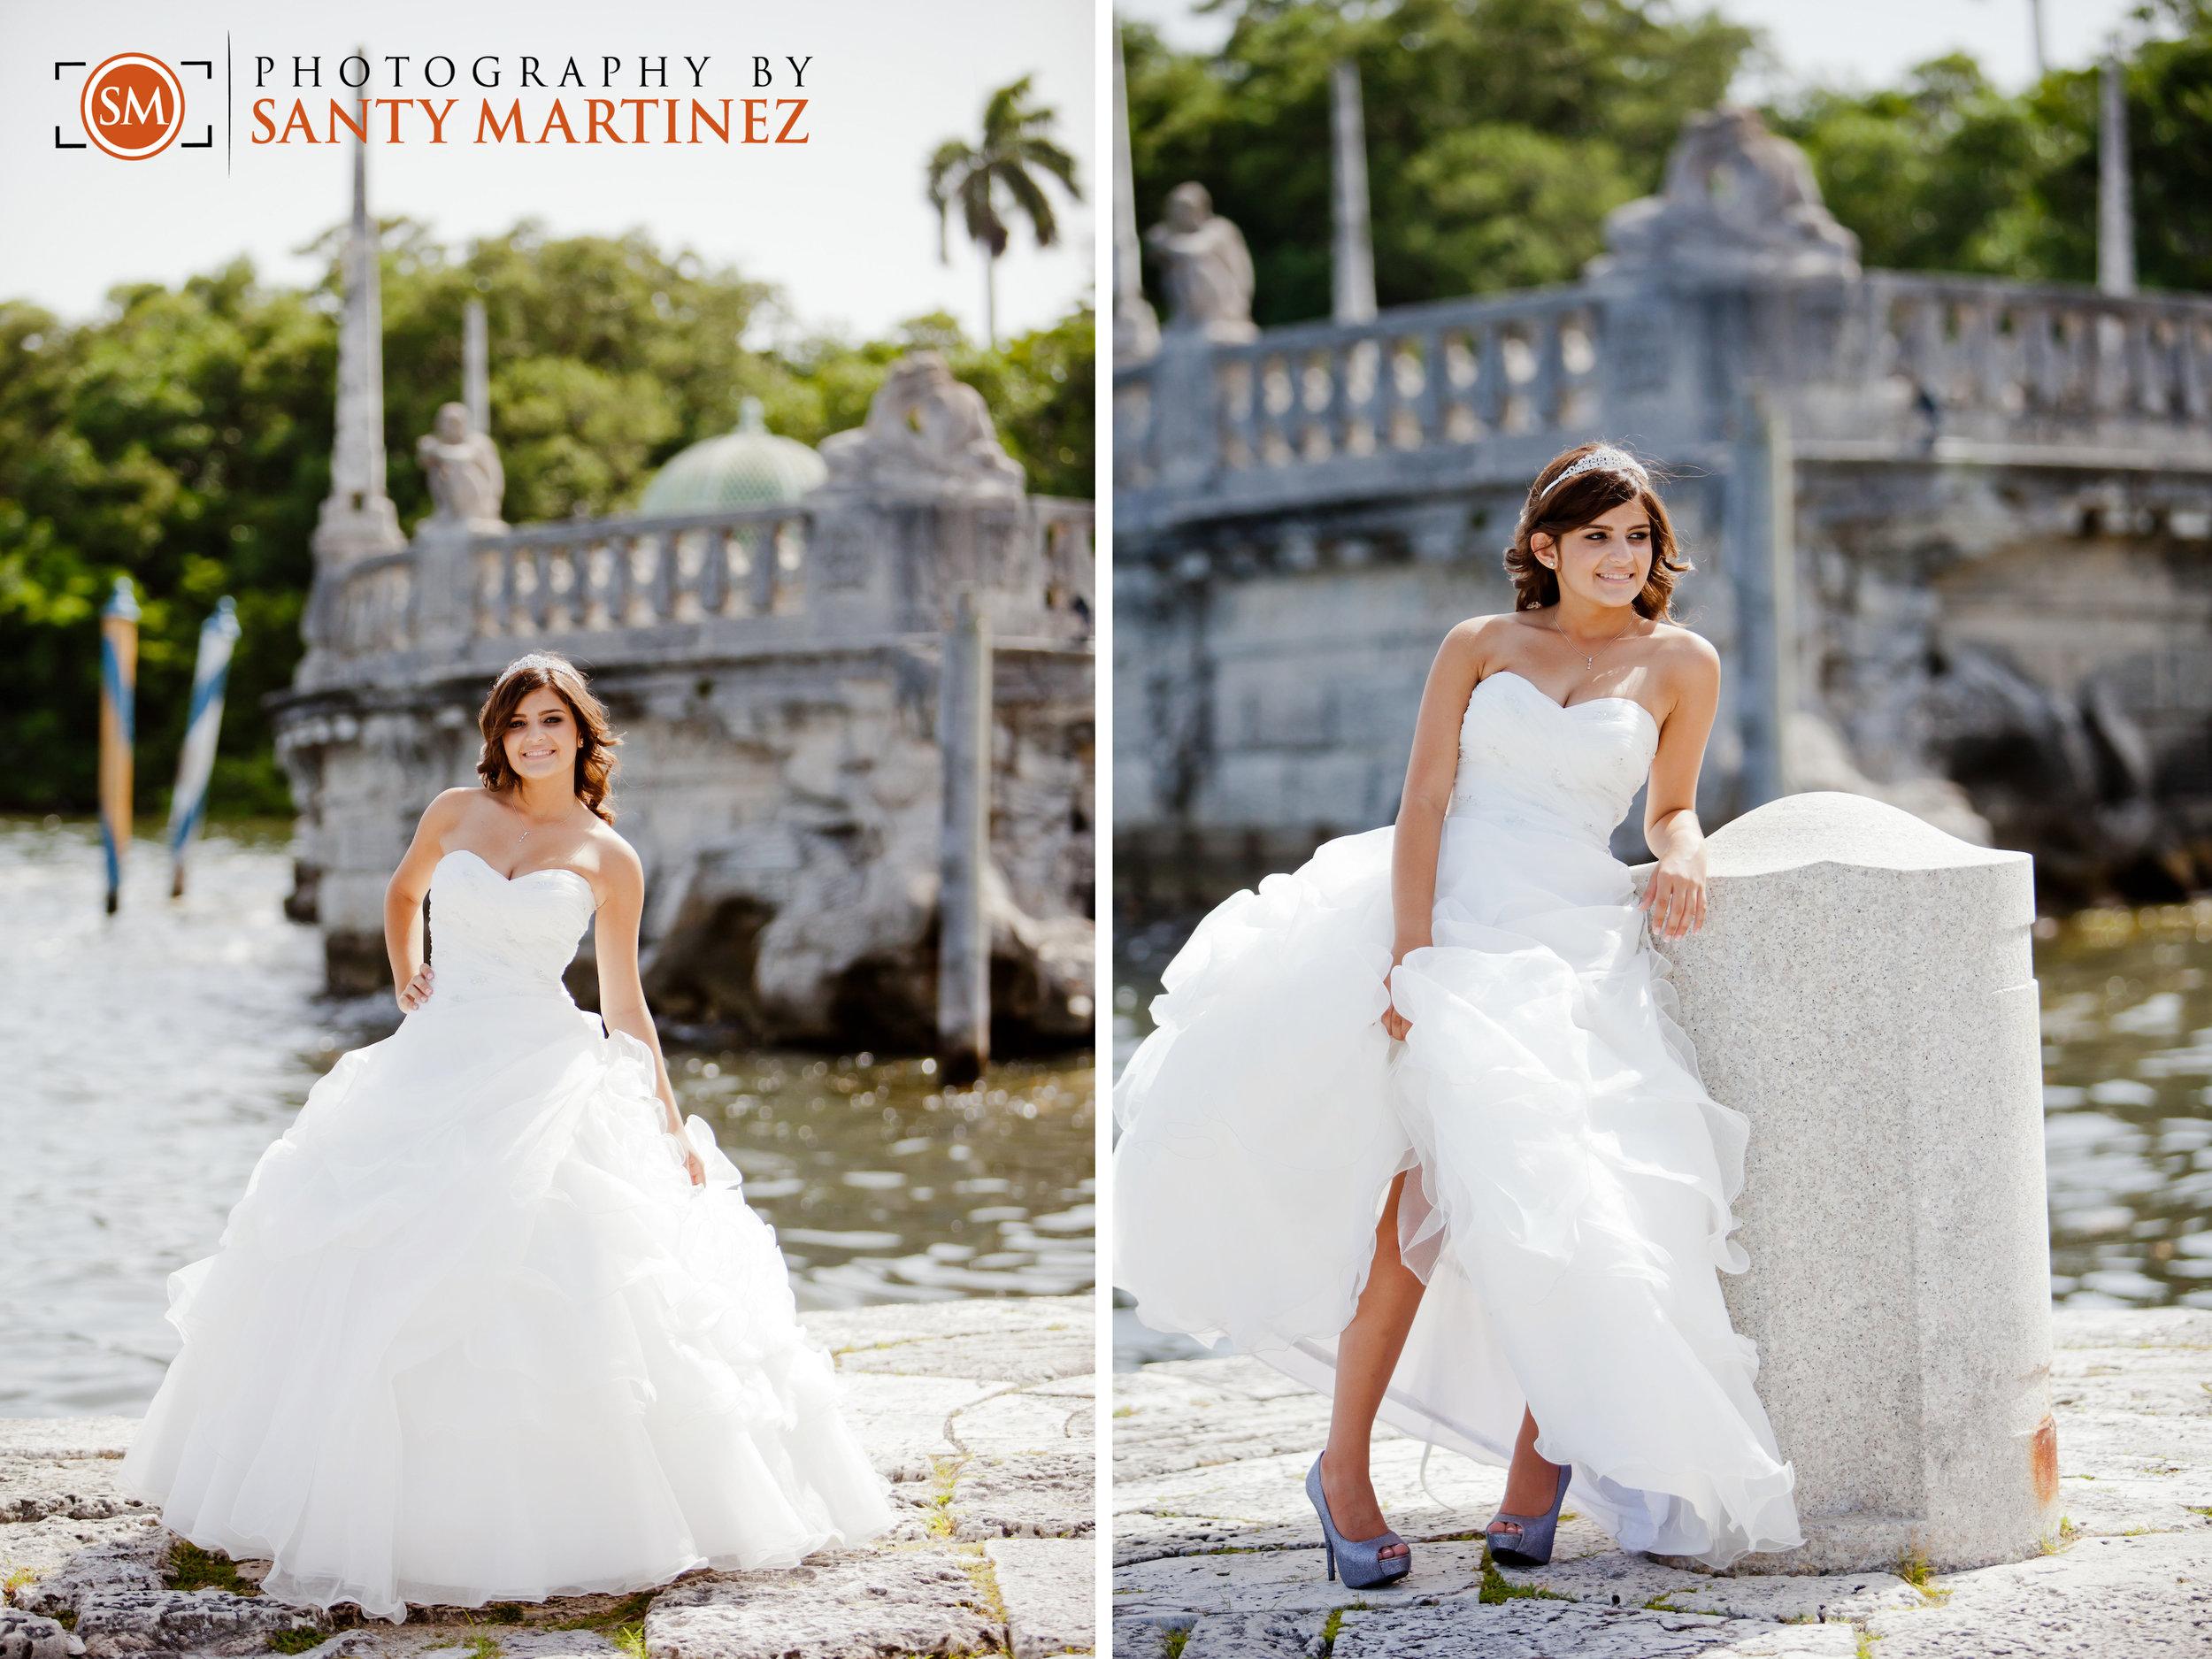 Miami Quinces Photographers - Santy Martinez -17.jpg